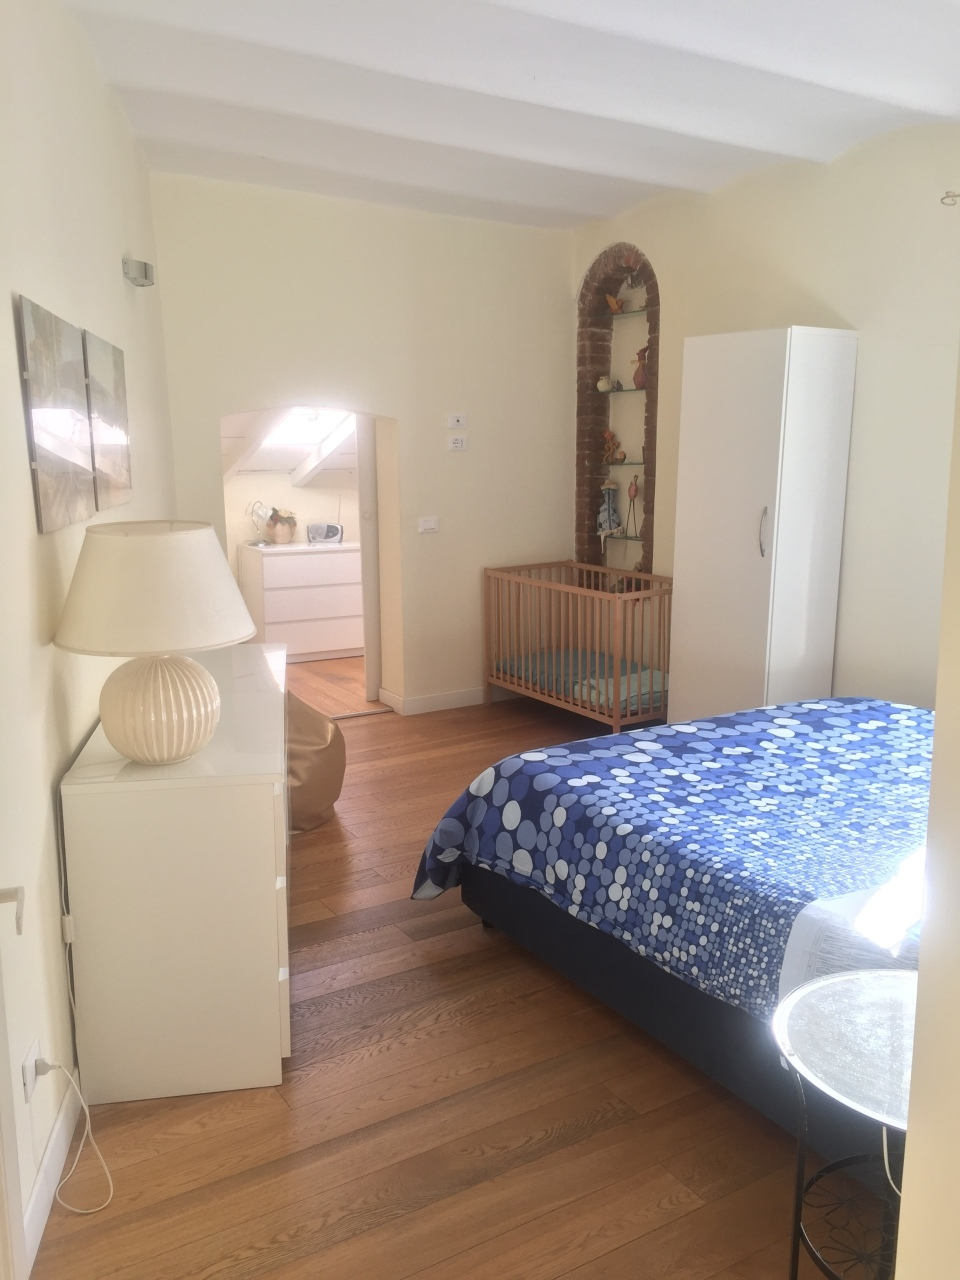 Attico / Mansarda in affitto a La Spezia, 3 locali, prezzo € 750 | PortaleAgenzieImmobiliari.it